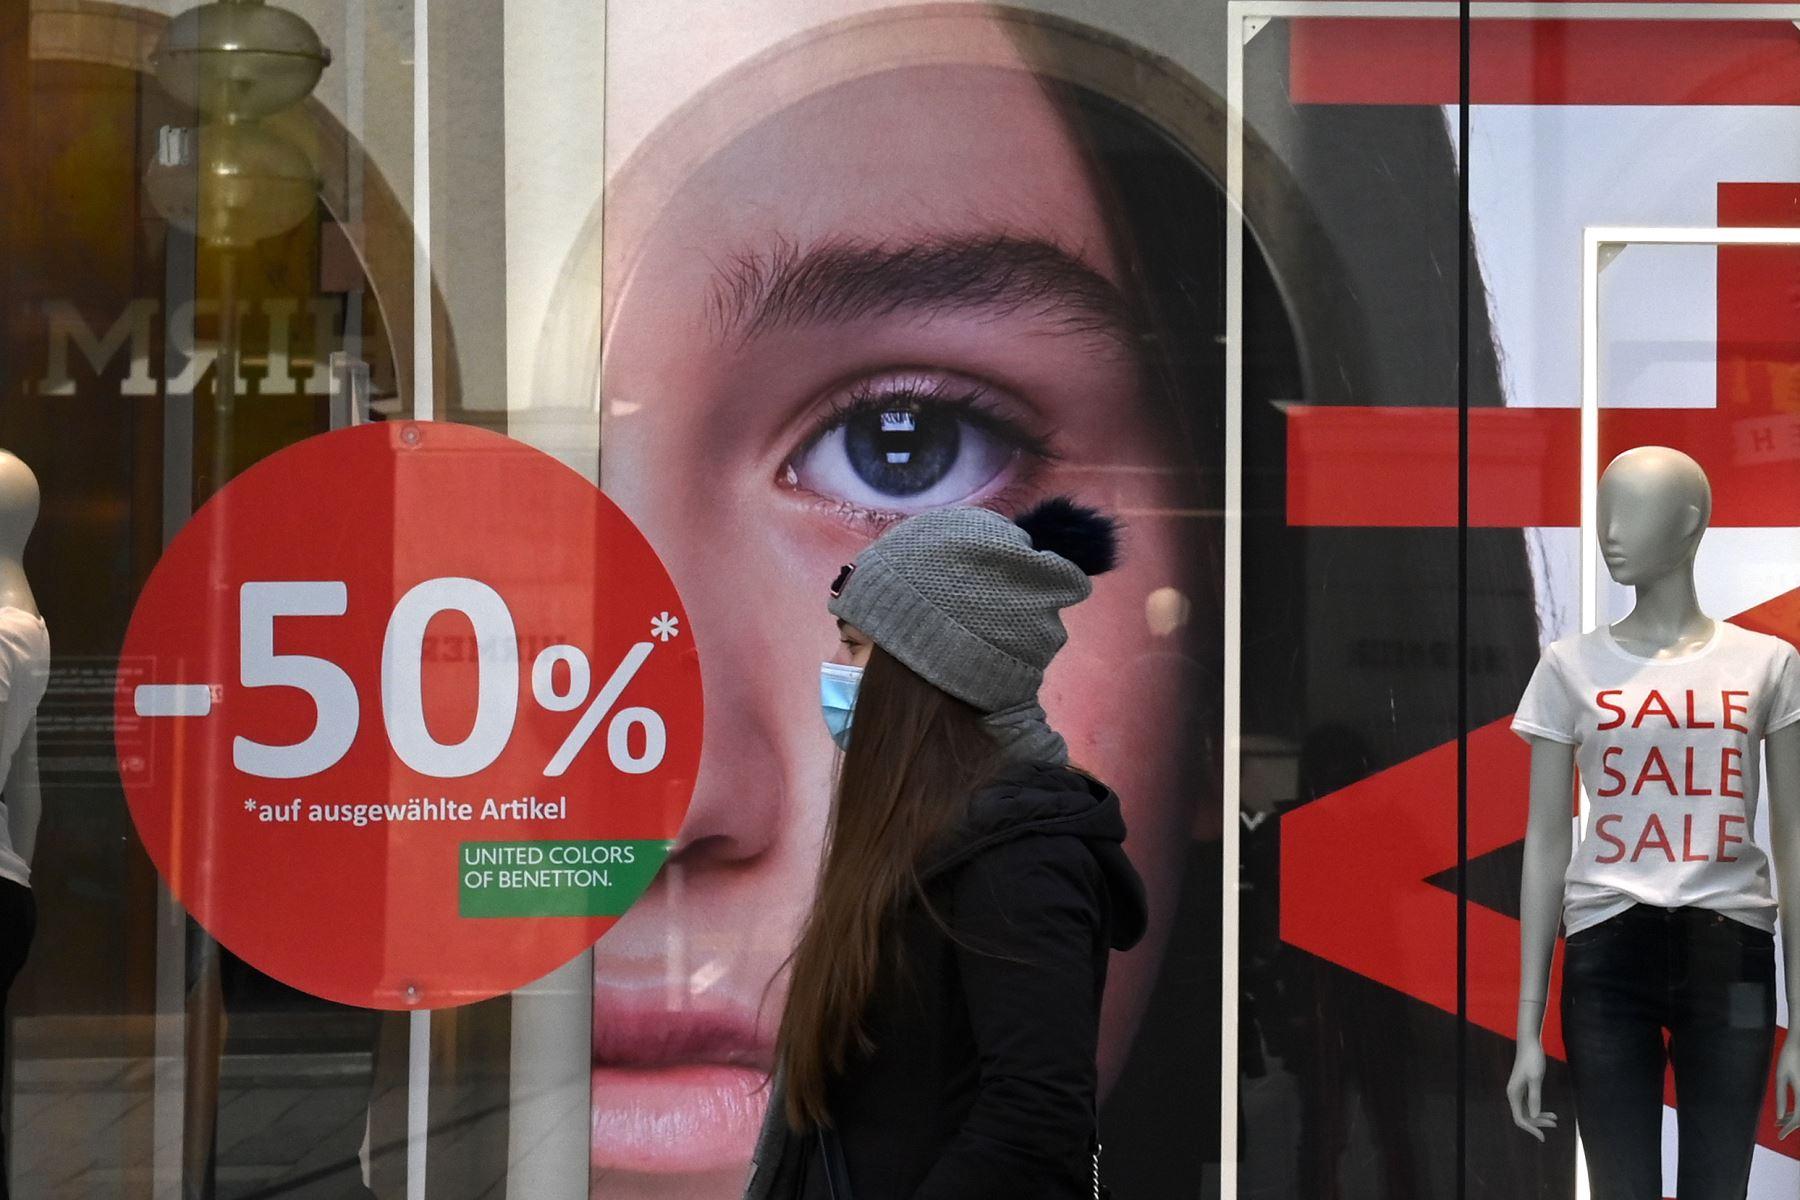 Una mujer con una máscara facial camina frente a una tienda de moda cerrada con ventas anunciadas en sus escaparates, en la ciudad de Múnich, en el sur de Alemania, en medio de la pandemia del nuevo coronavirus Covid-19 en curso. Foto: AFP